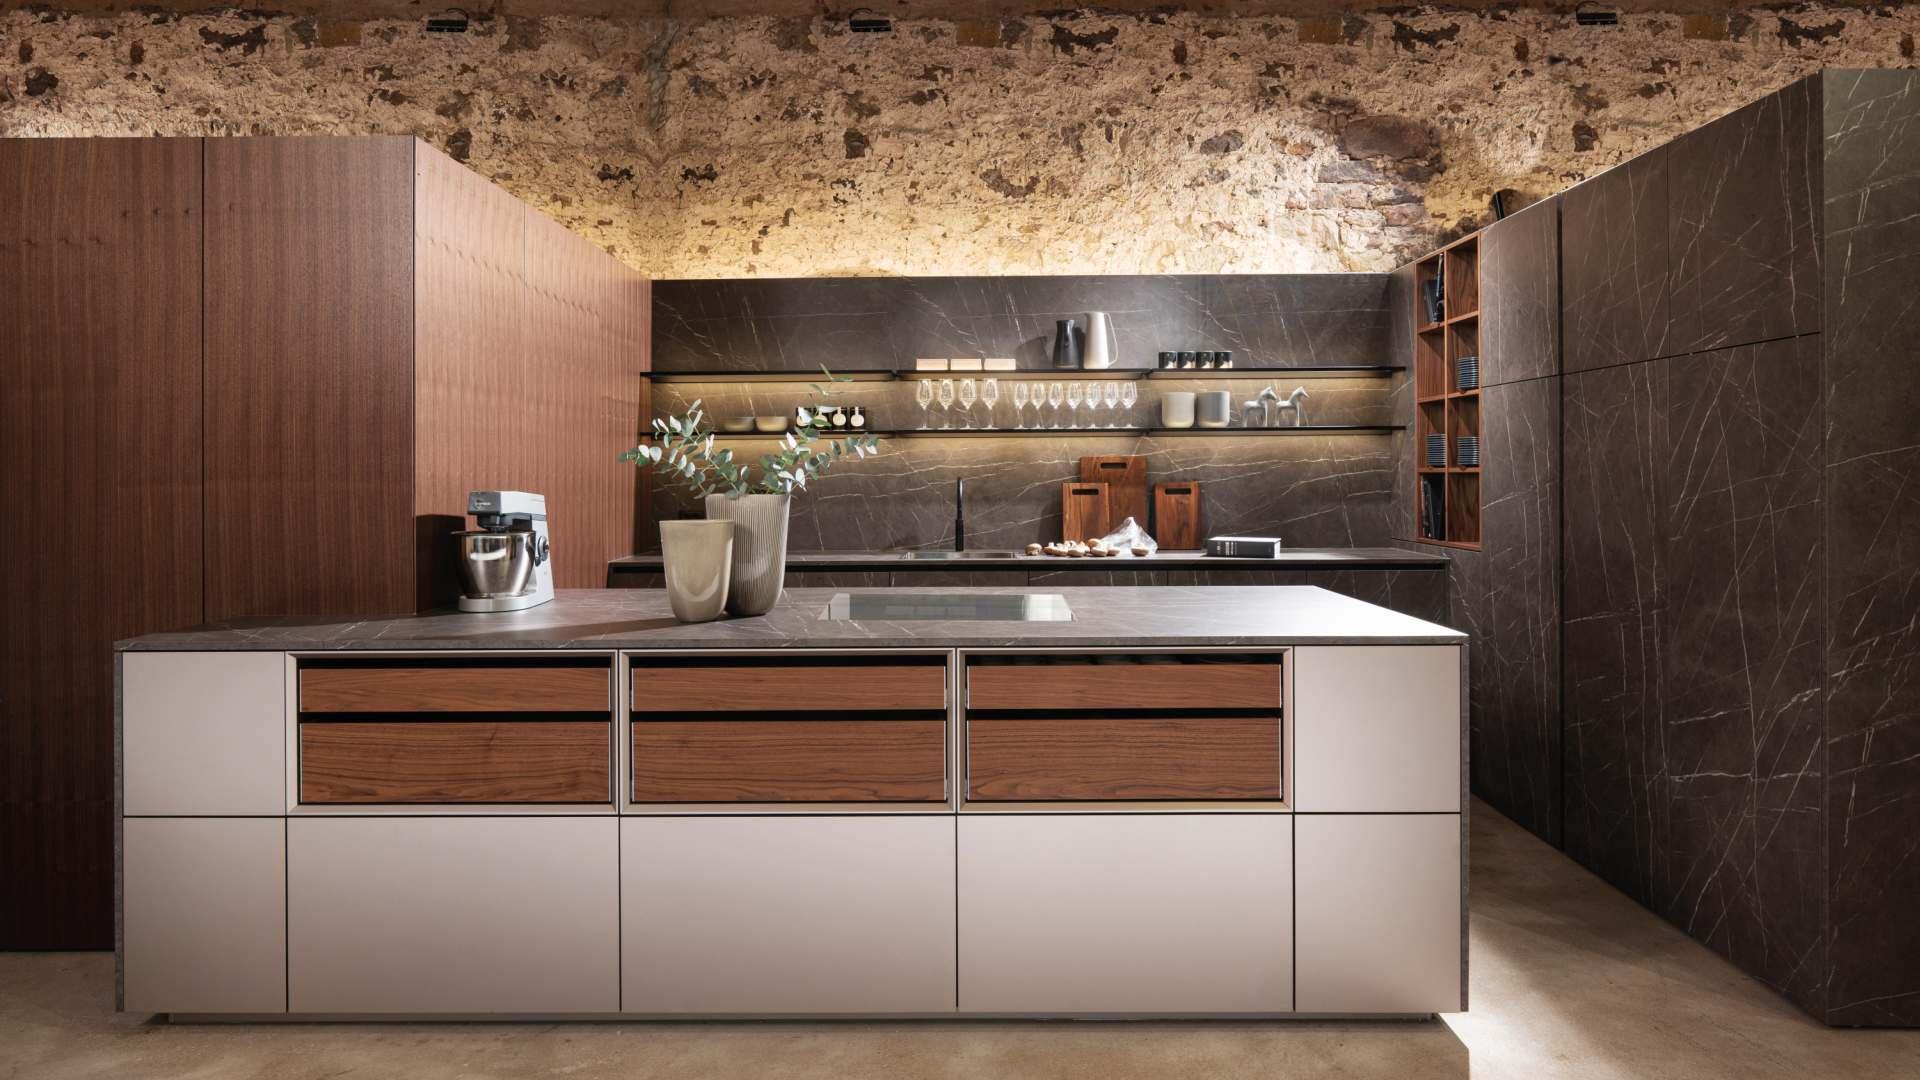 Warendorf Küchen beim Miele Center Markant in Dornbirn, Vorarlberg